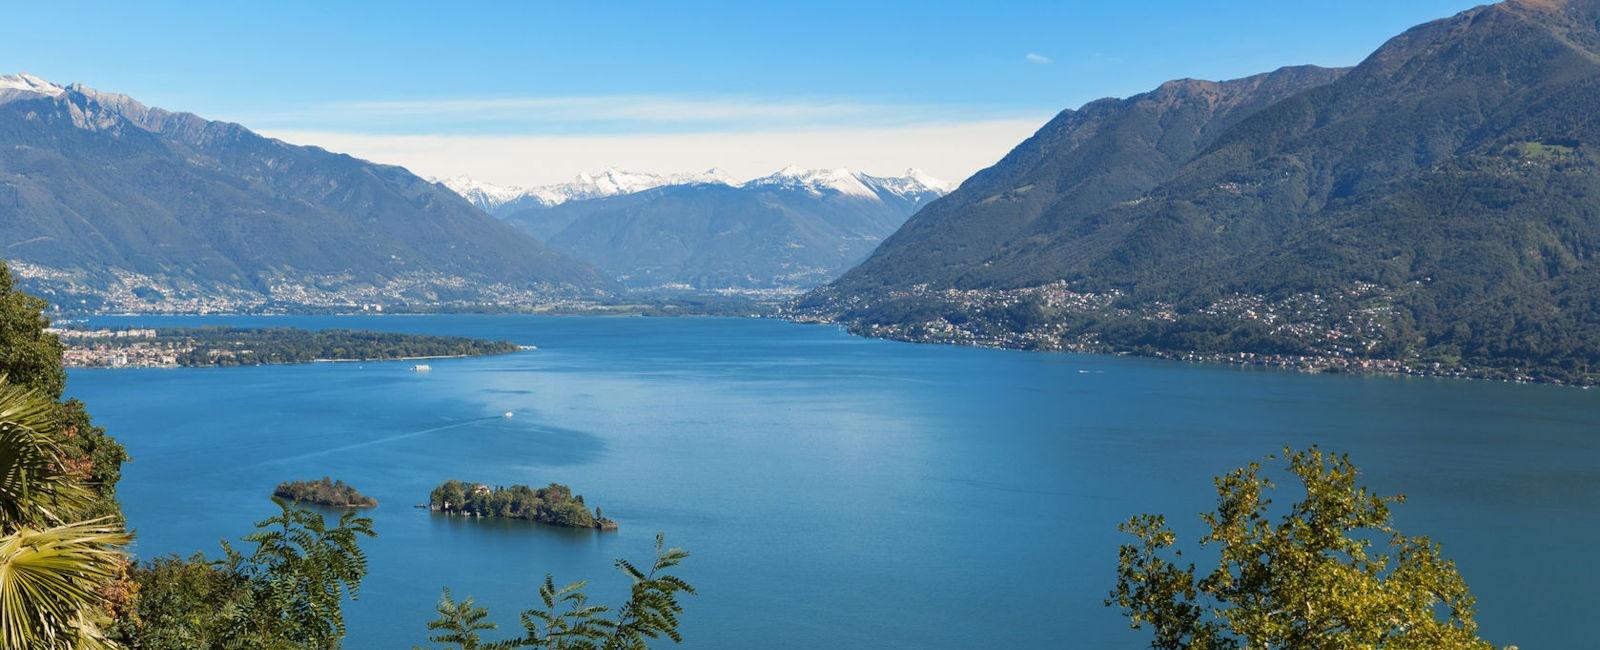 Luxury Ticino Holidays